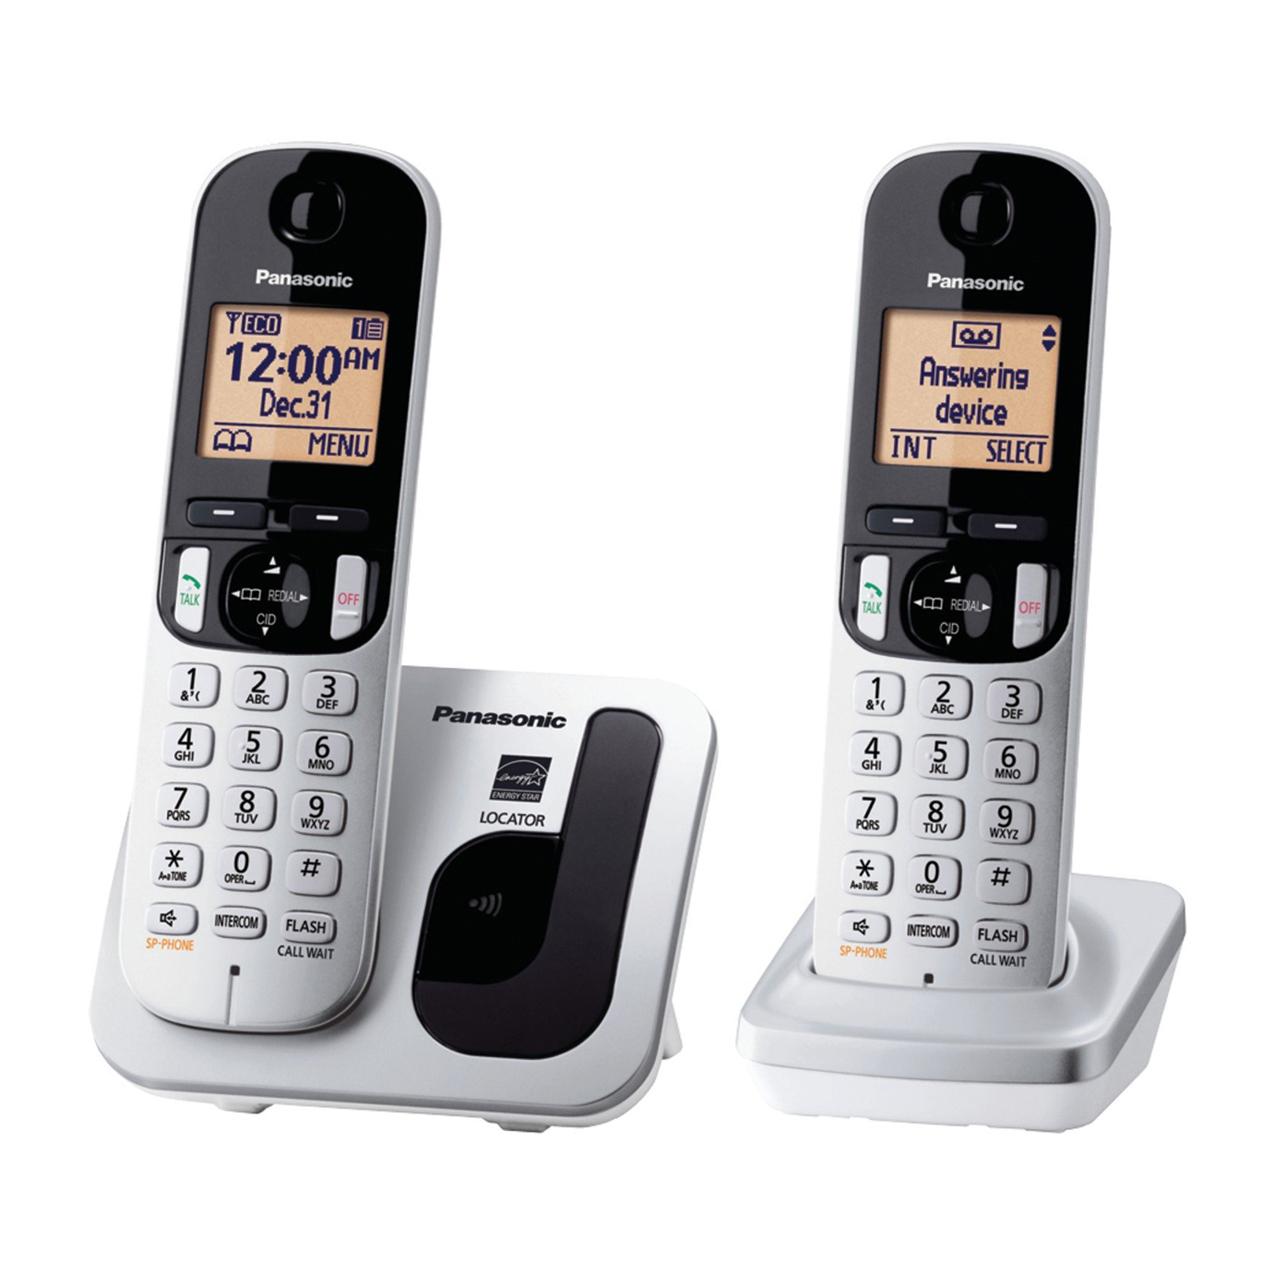 گوشی تلفن بیسیم پاناسونیک مدل Panasonic-KX-TGD212 | نقره ای